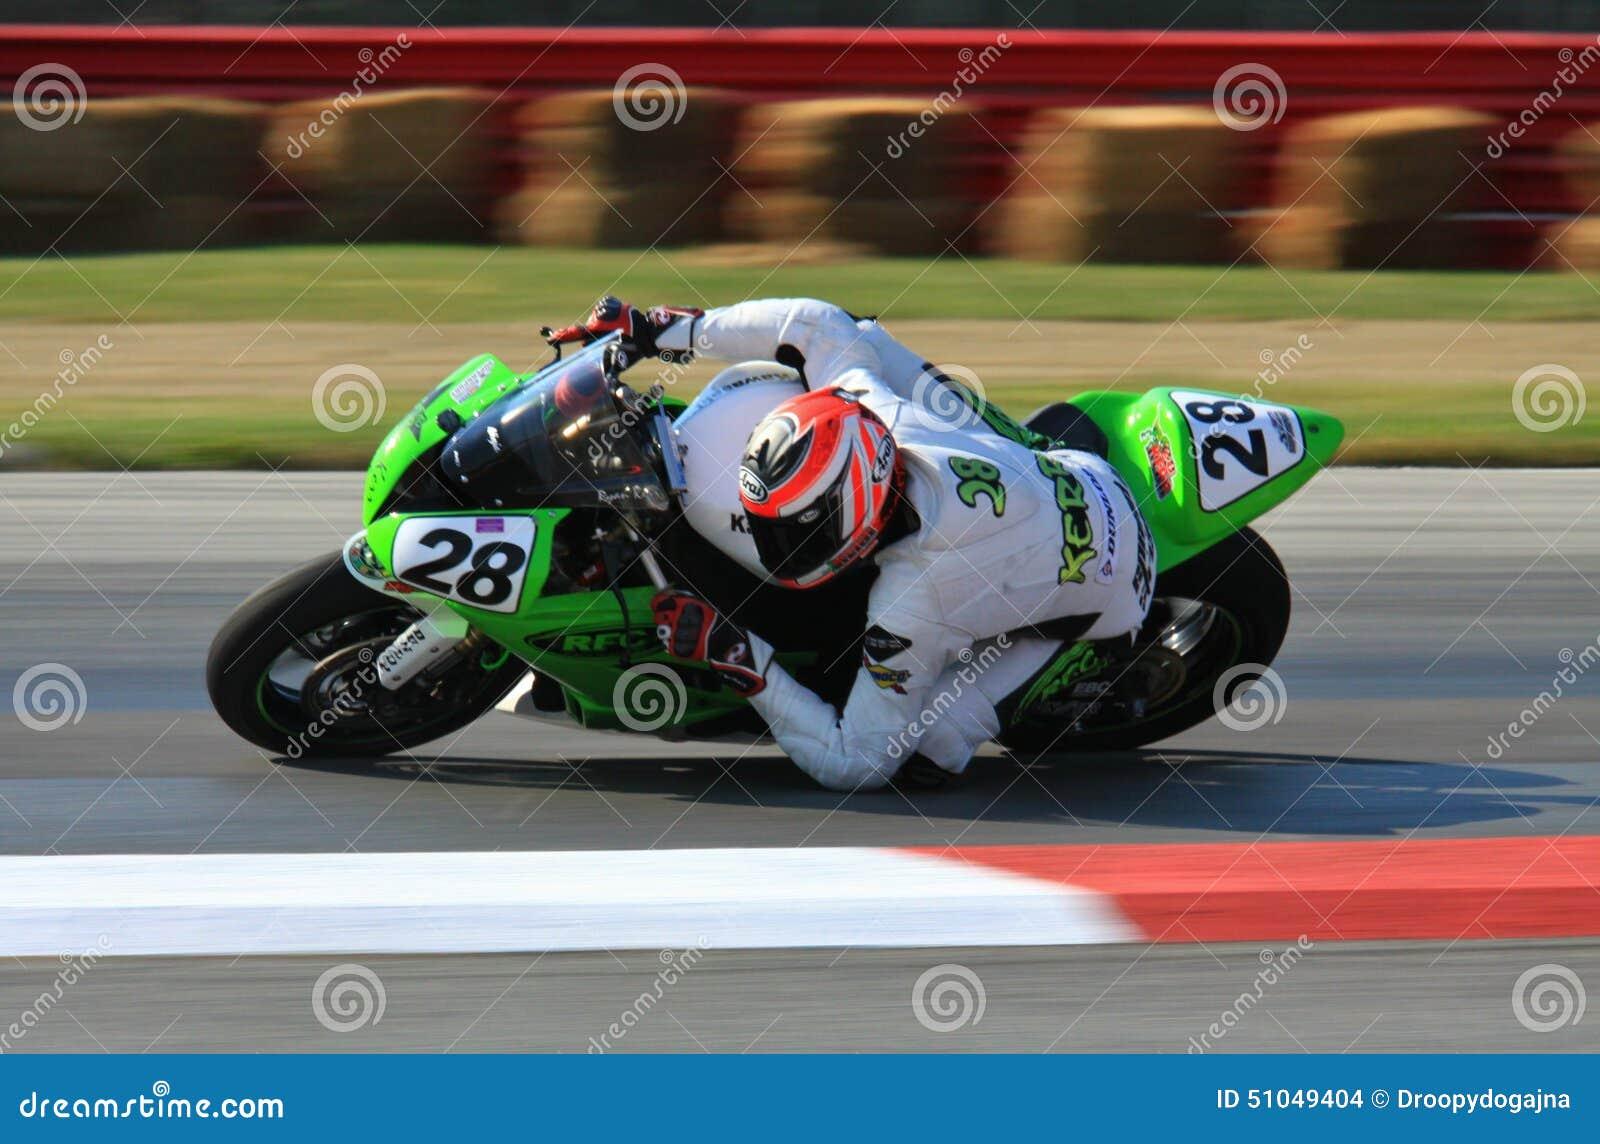 Kawasaki race motorcycle